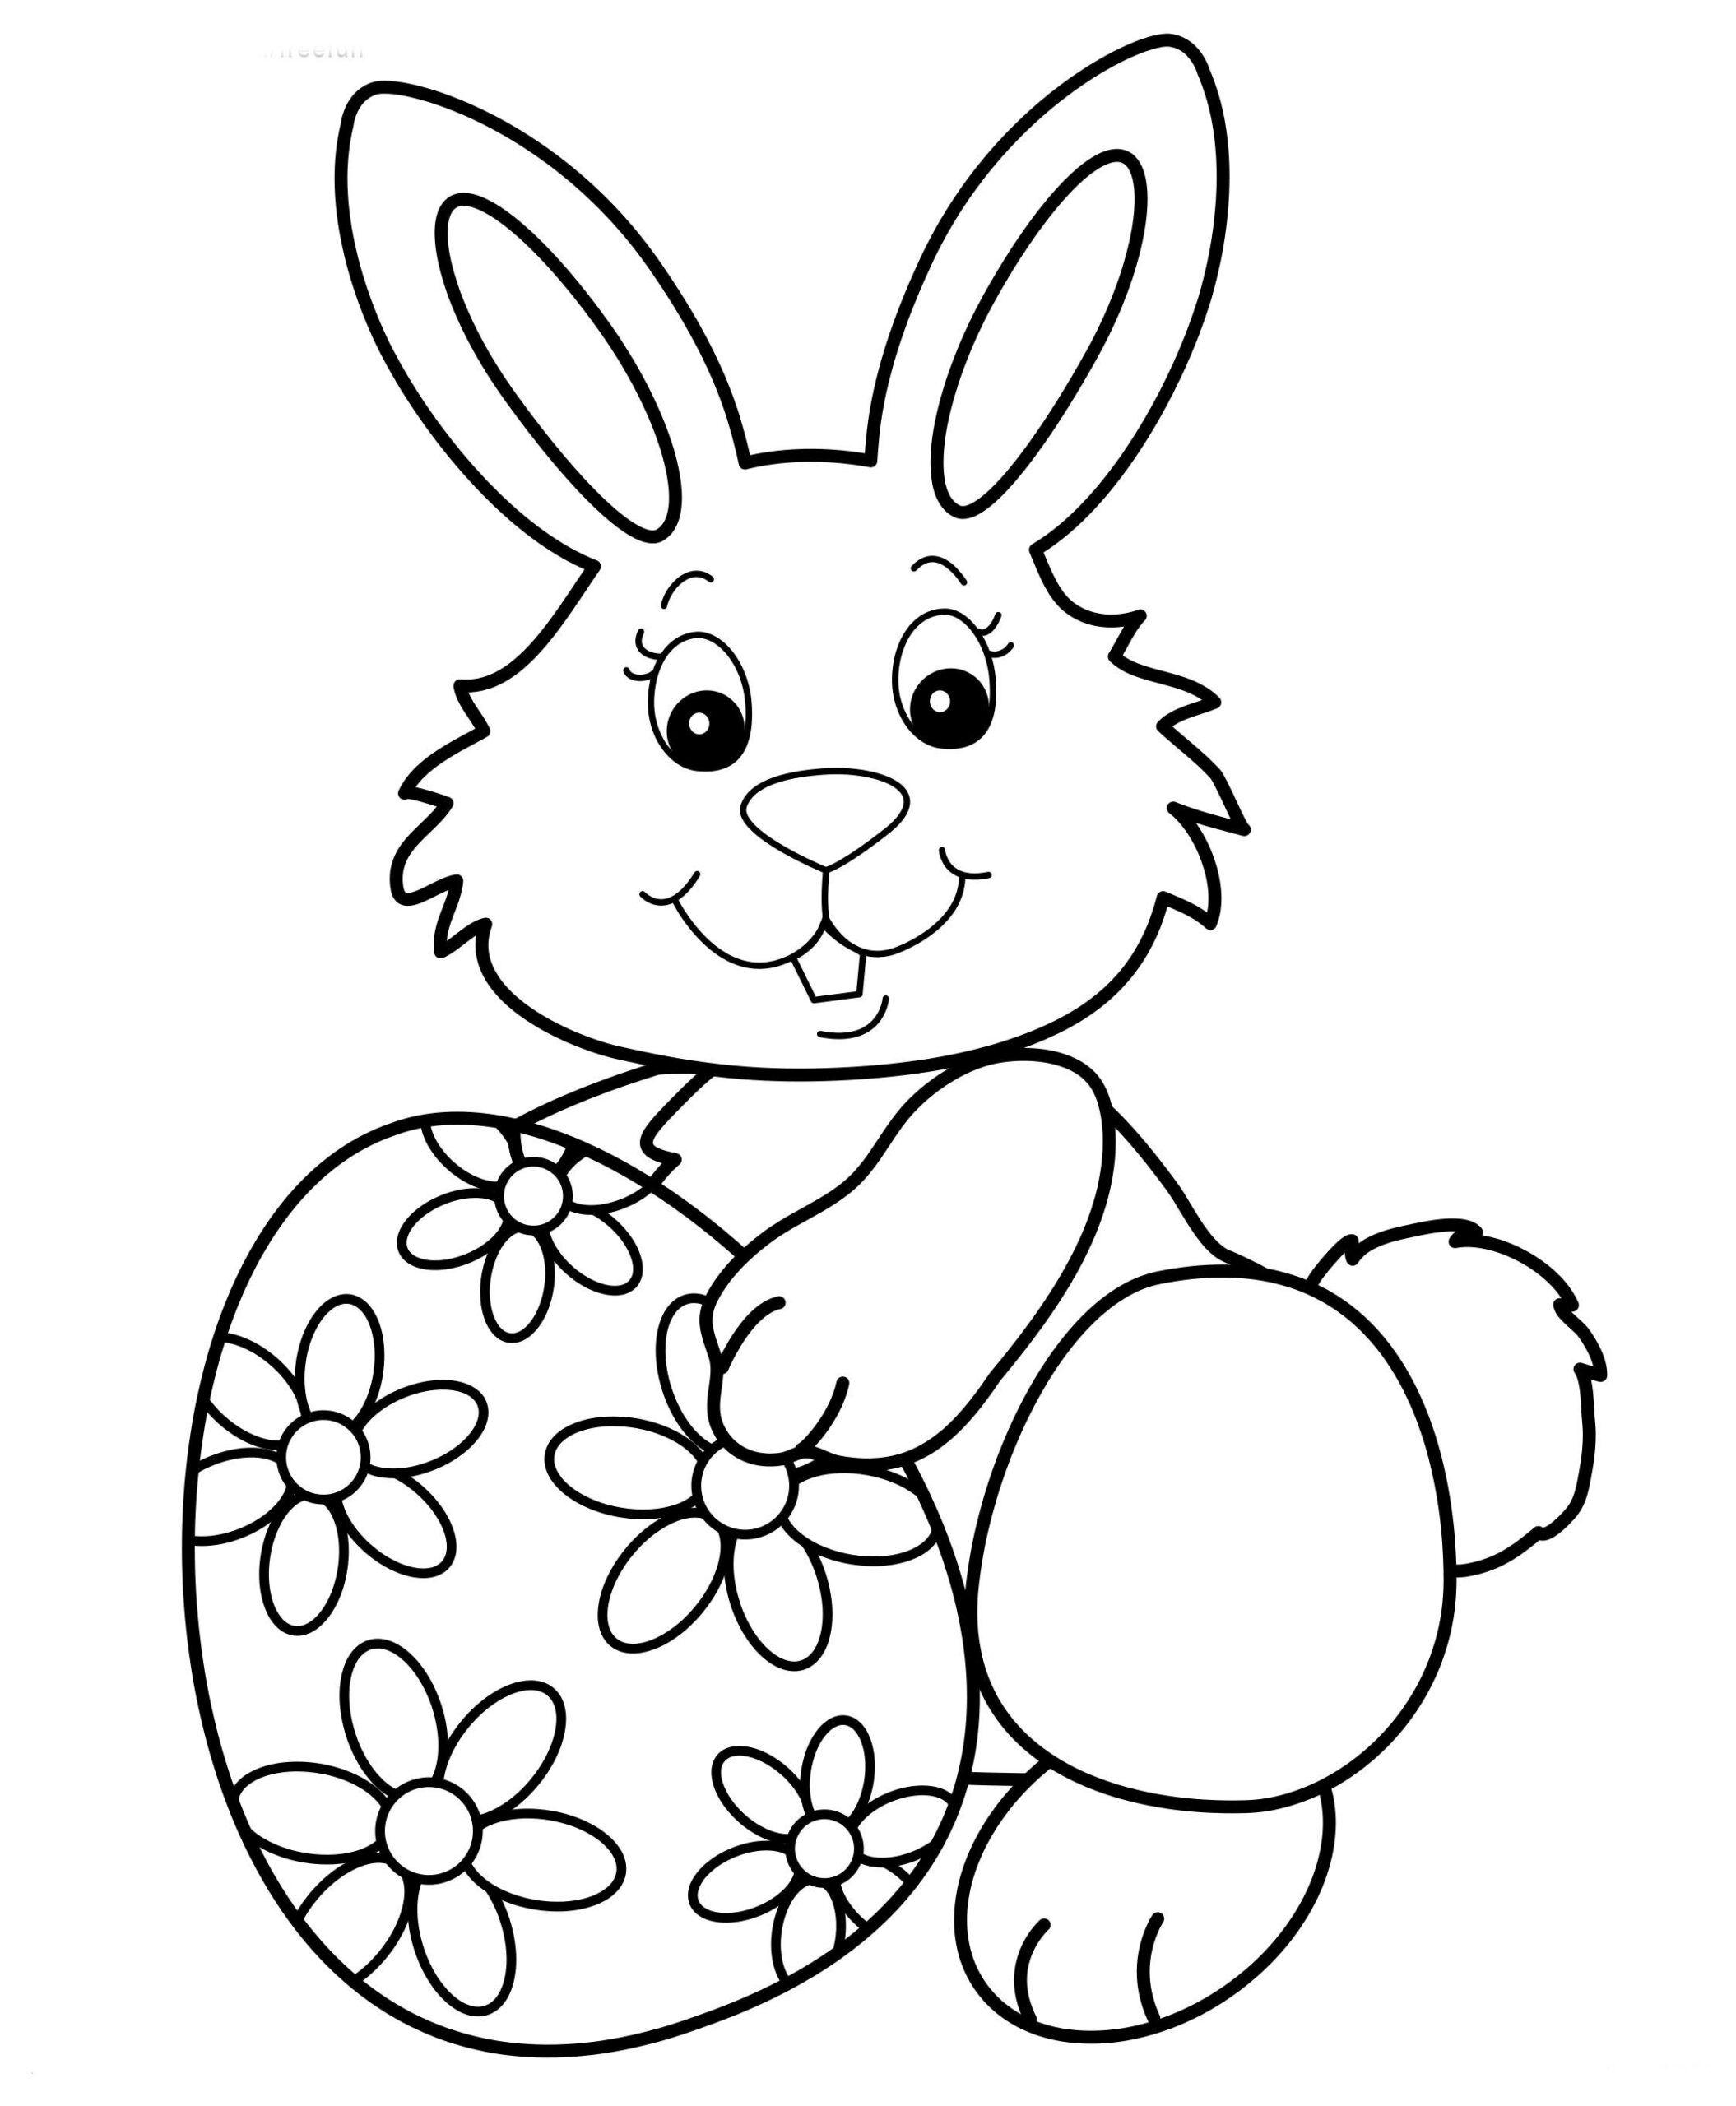 Ten Grossartig Malvorlage Hase Einfach Erleuchtung 2020 Osterhase Malen Malvorlagen Ostern Ostern Hasen Basteln